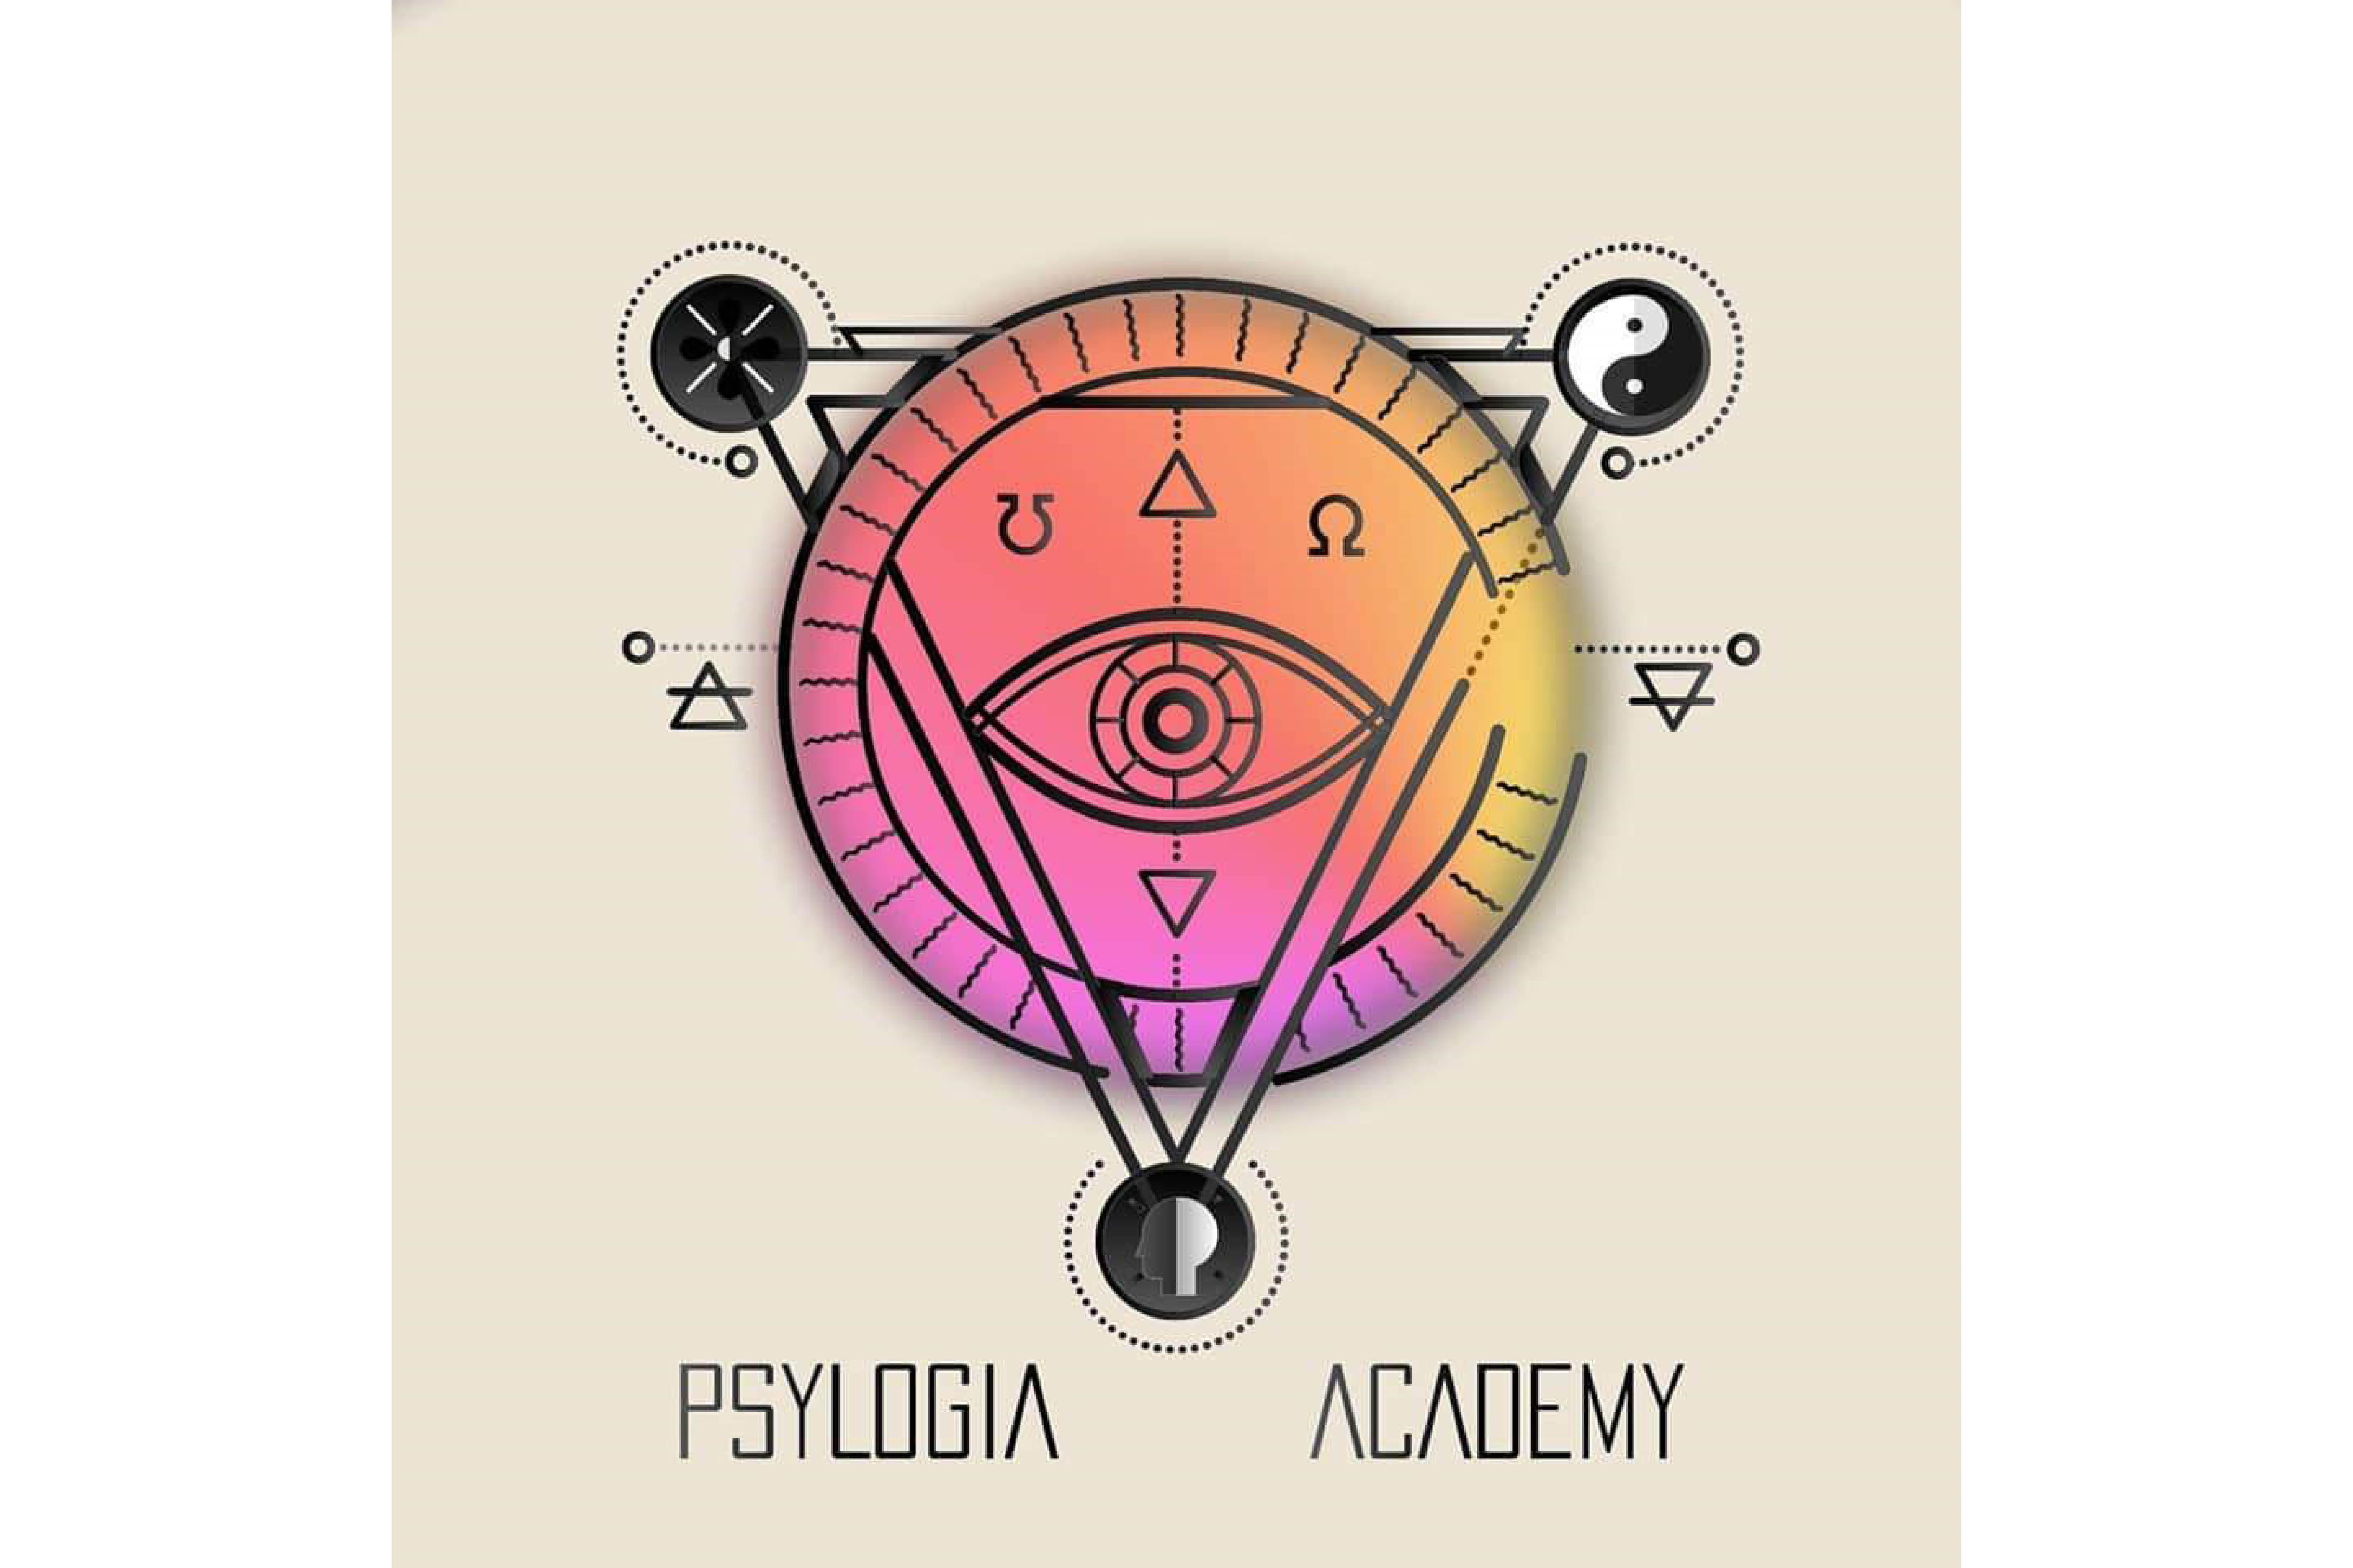 Psylogia Academy